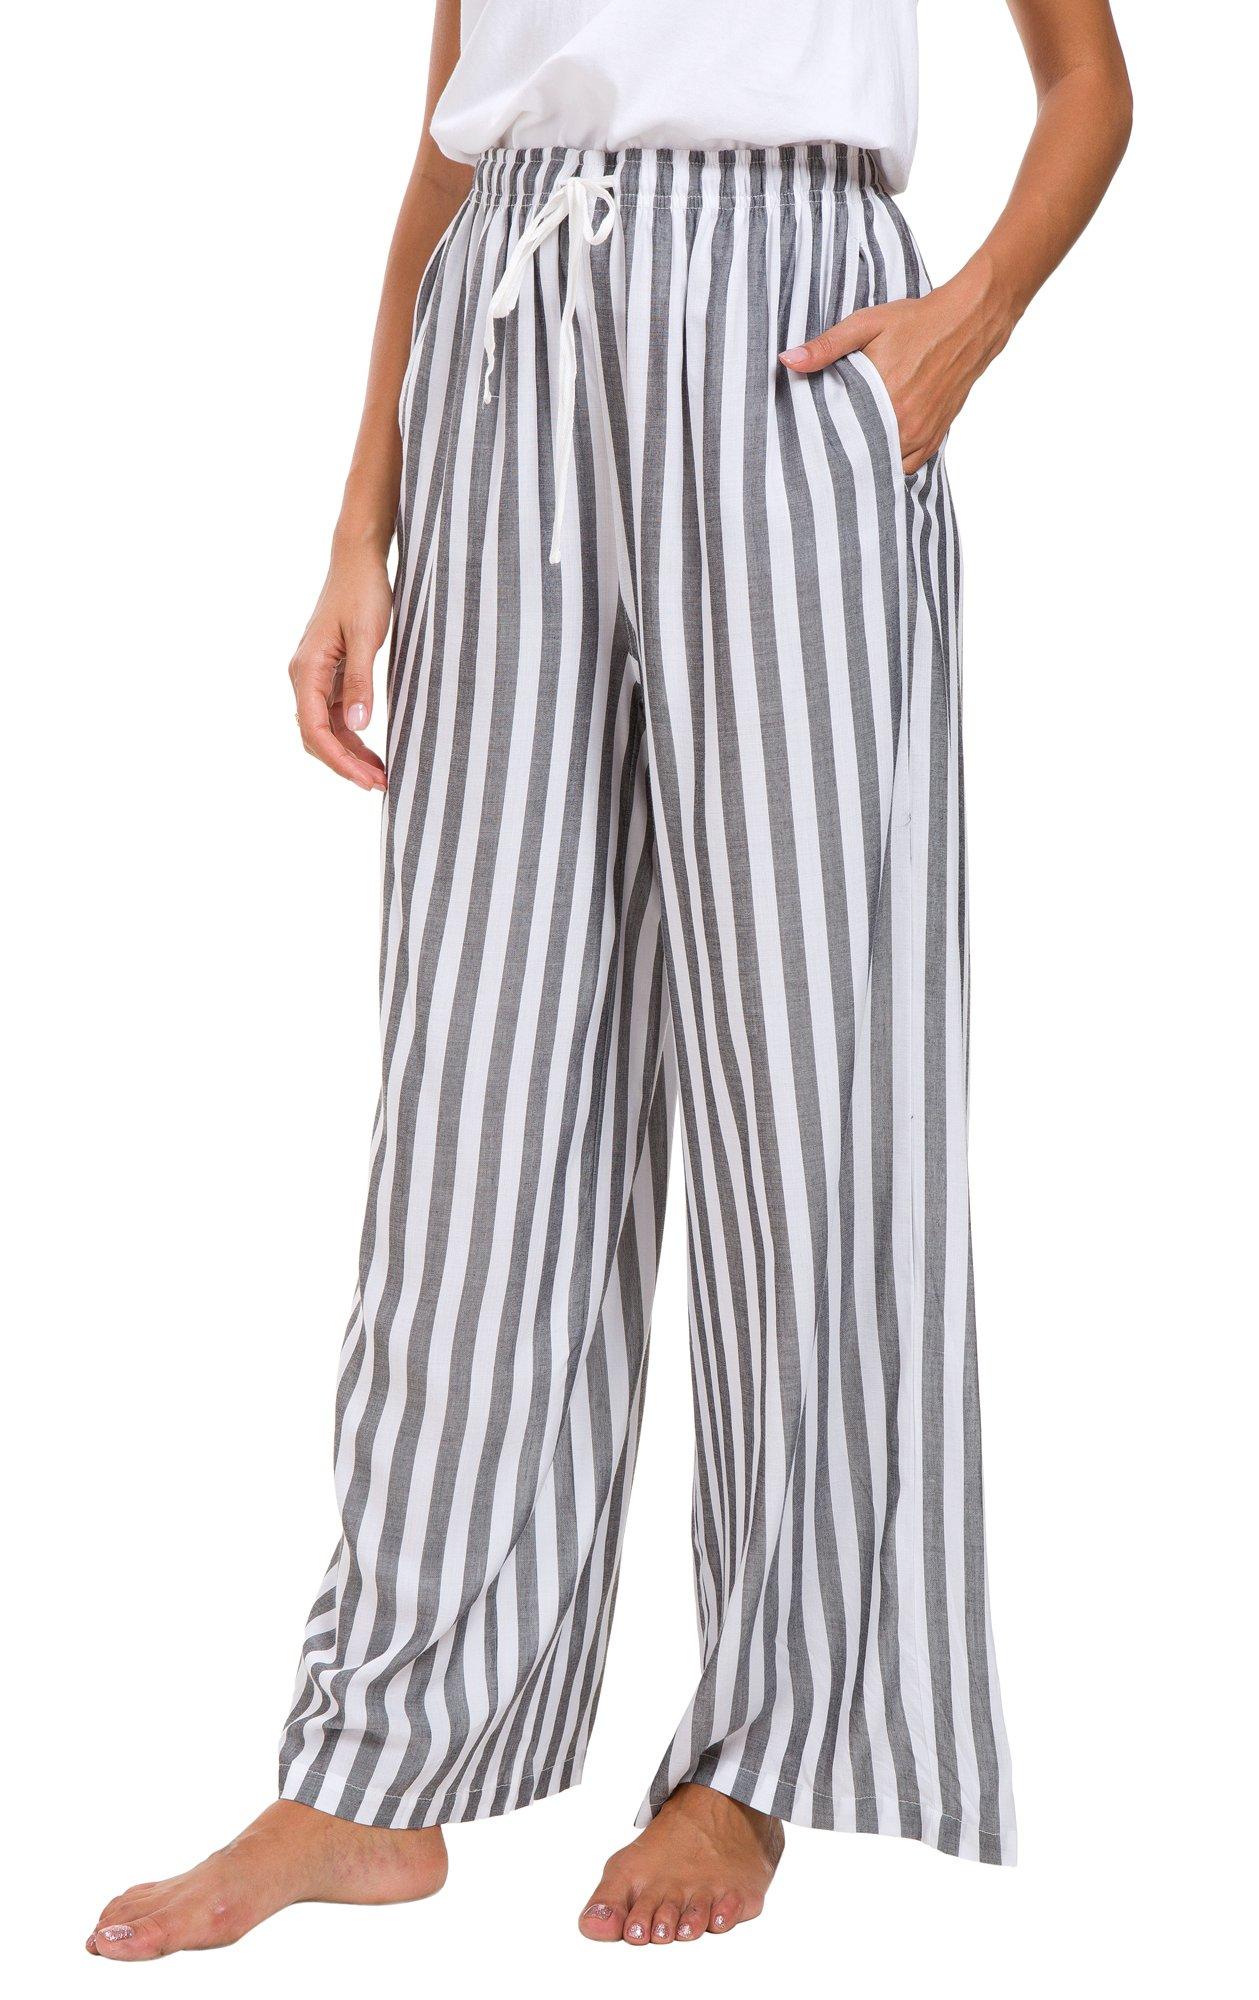 Women's Loose Split Stripe Wide Leg Lounge Pants (XL, Grey)